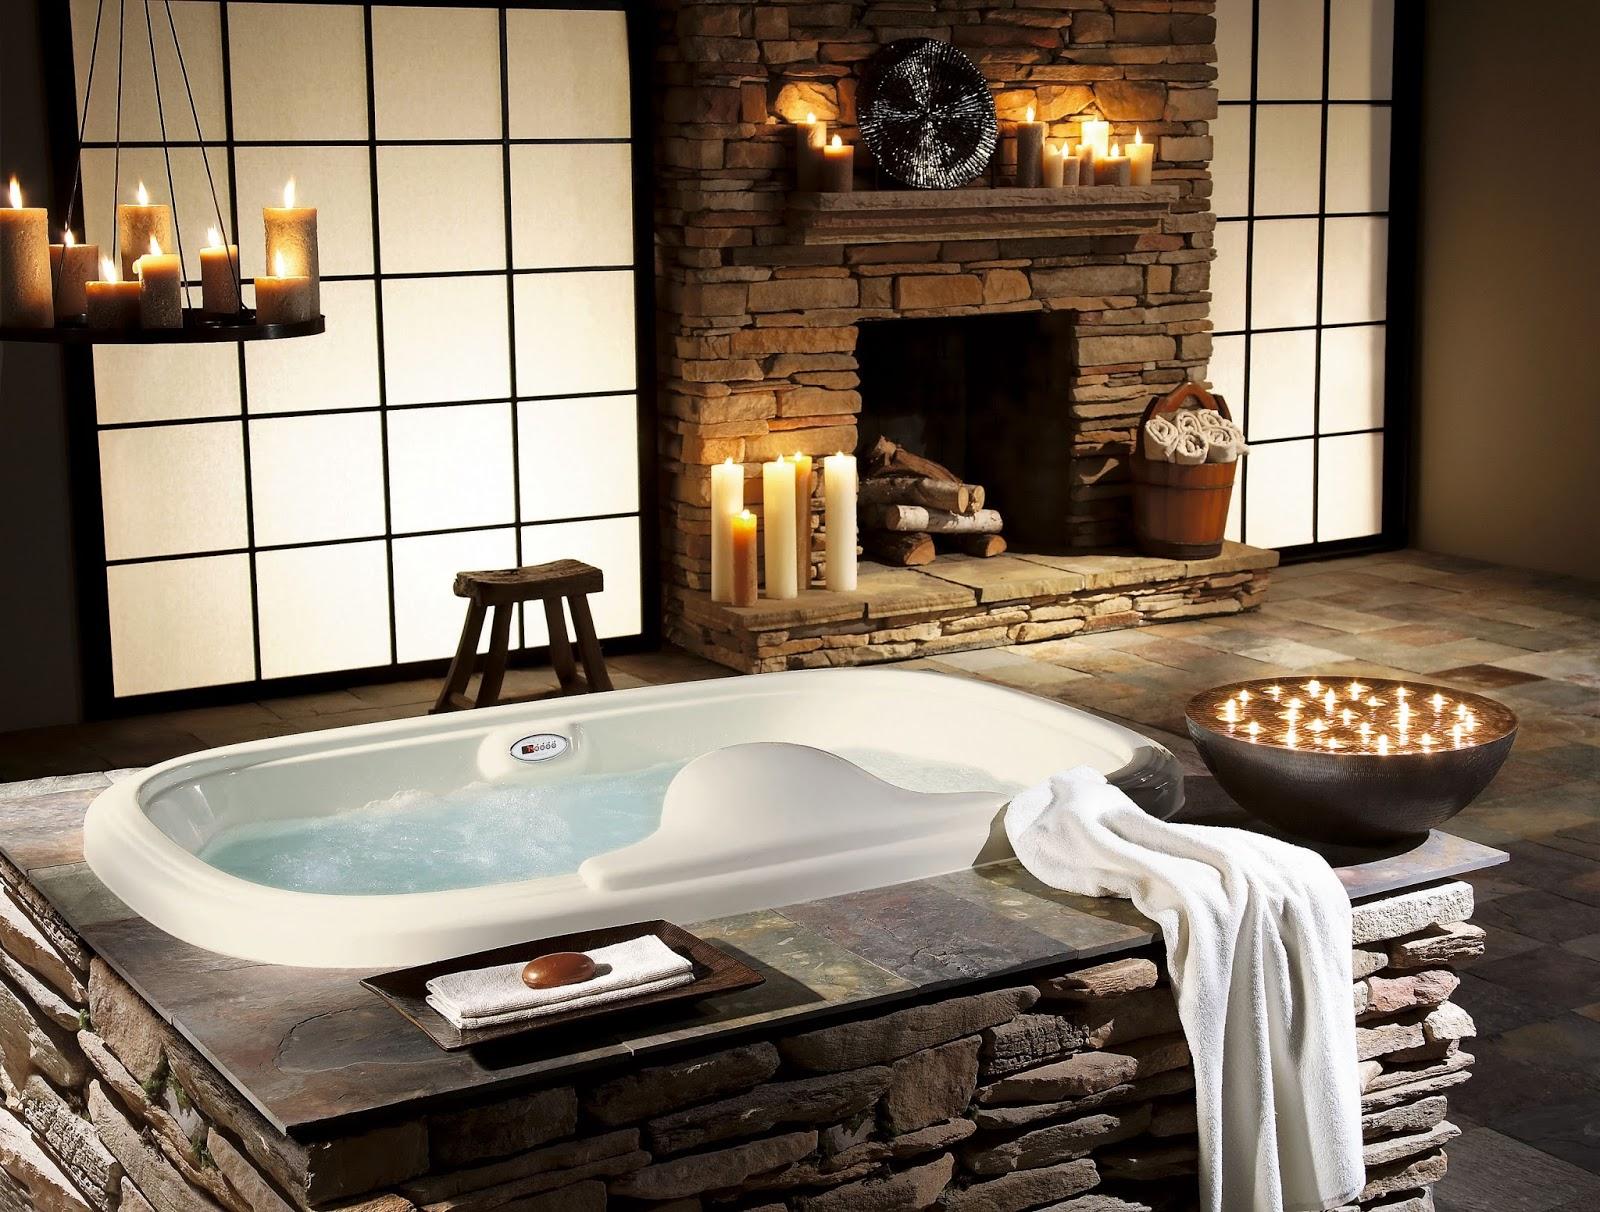 Камень и свечи в отделке японской ванной комнаты